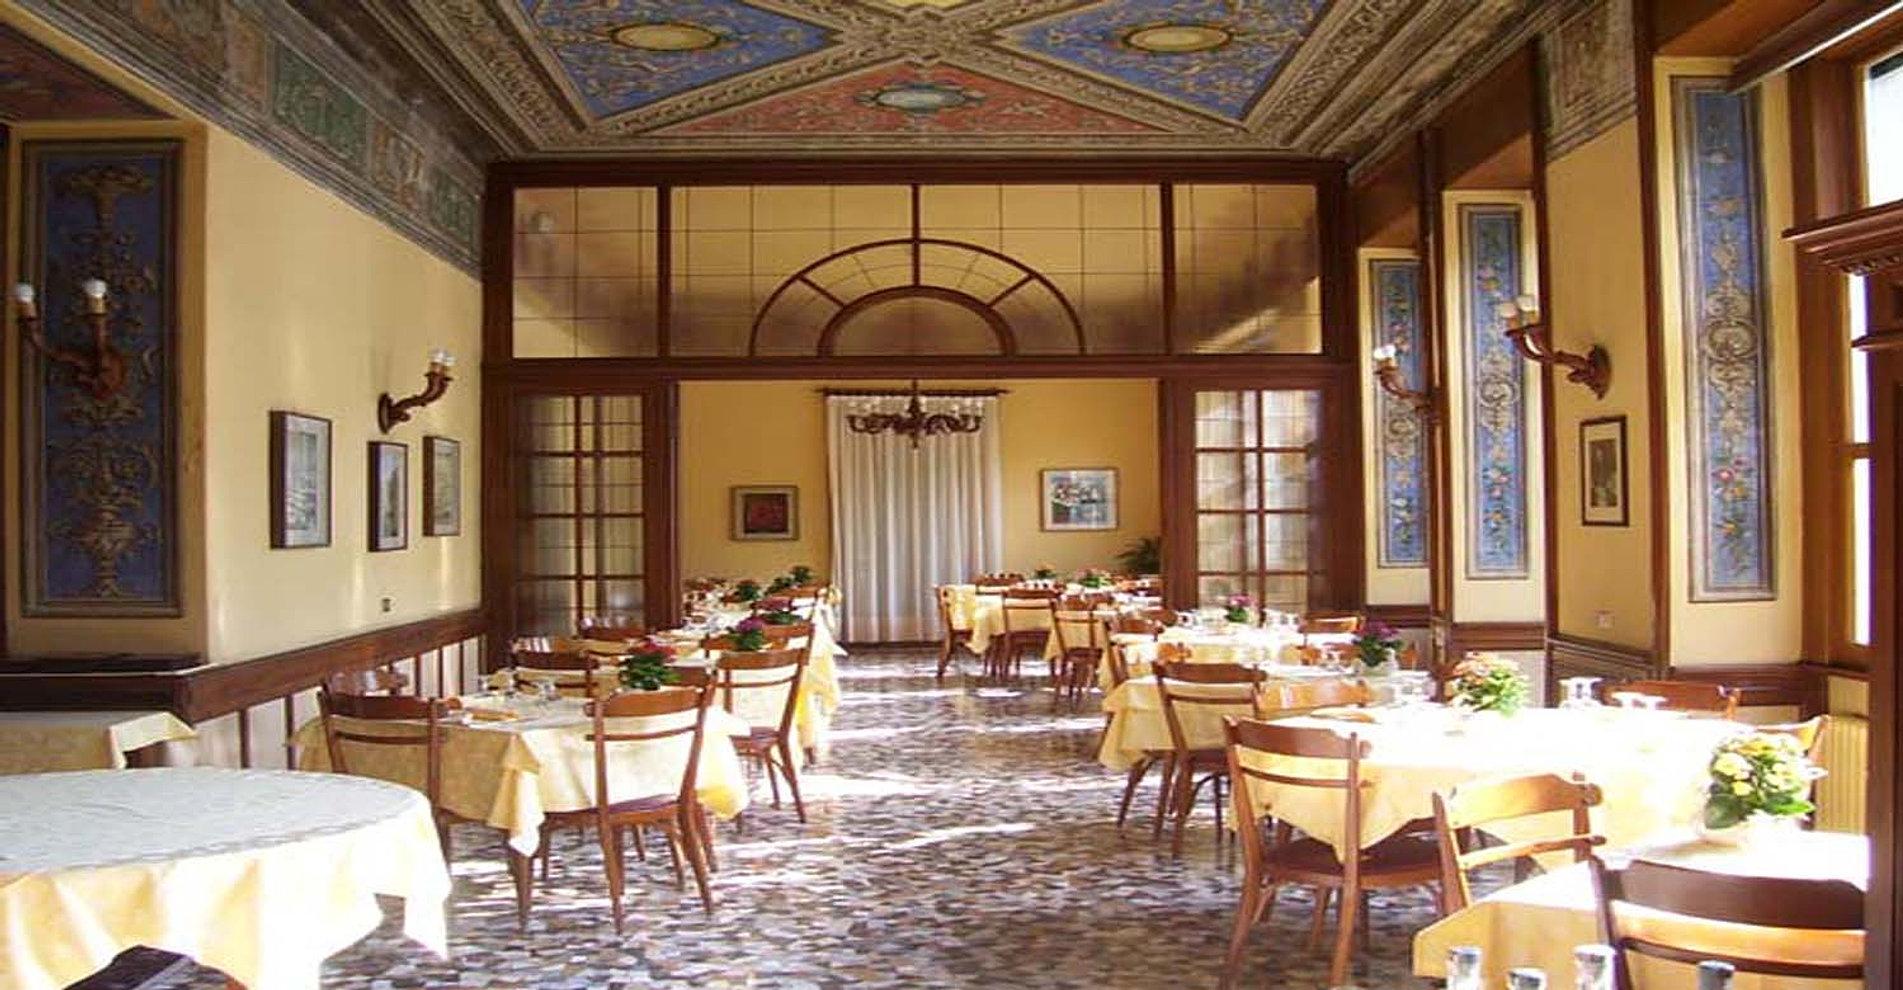 Hotel ristorante vapore a torno - Pulizia cucina ristorante ...